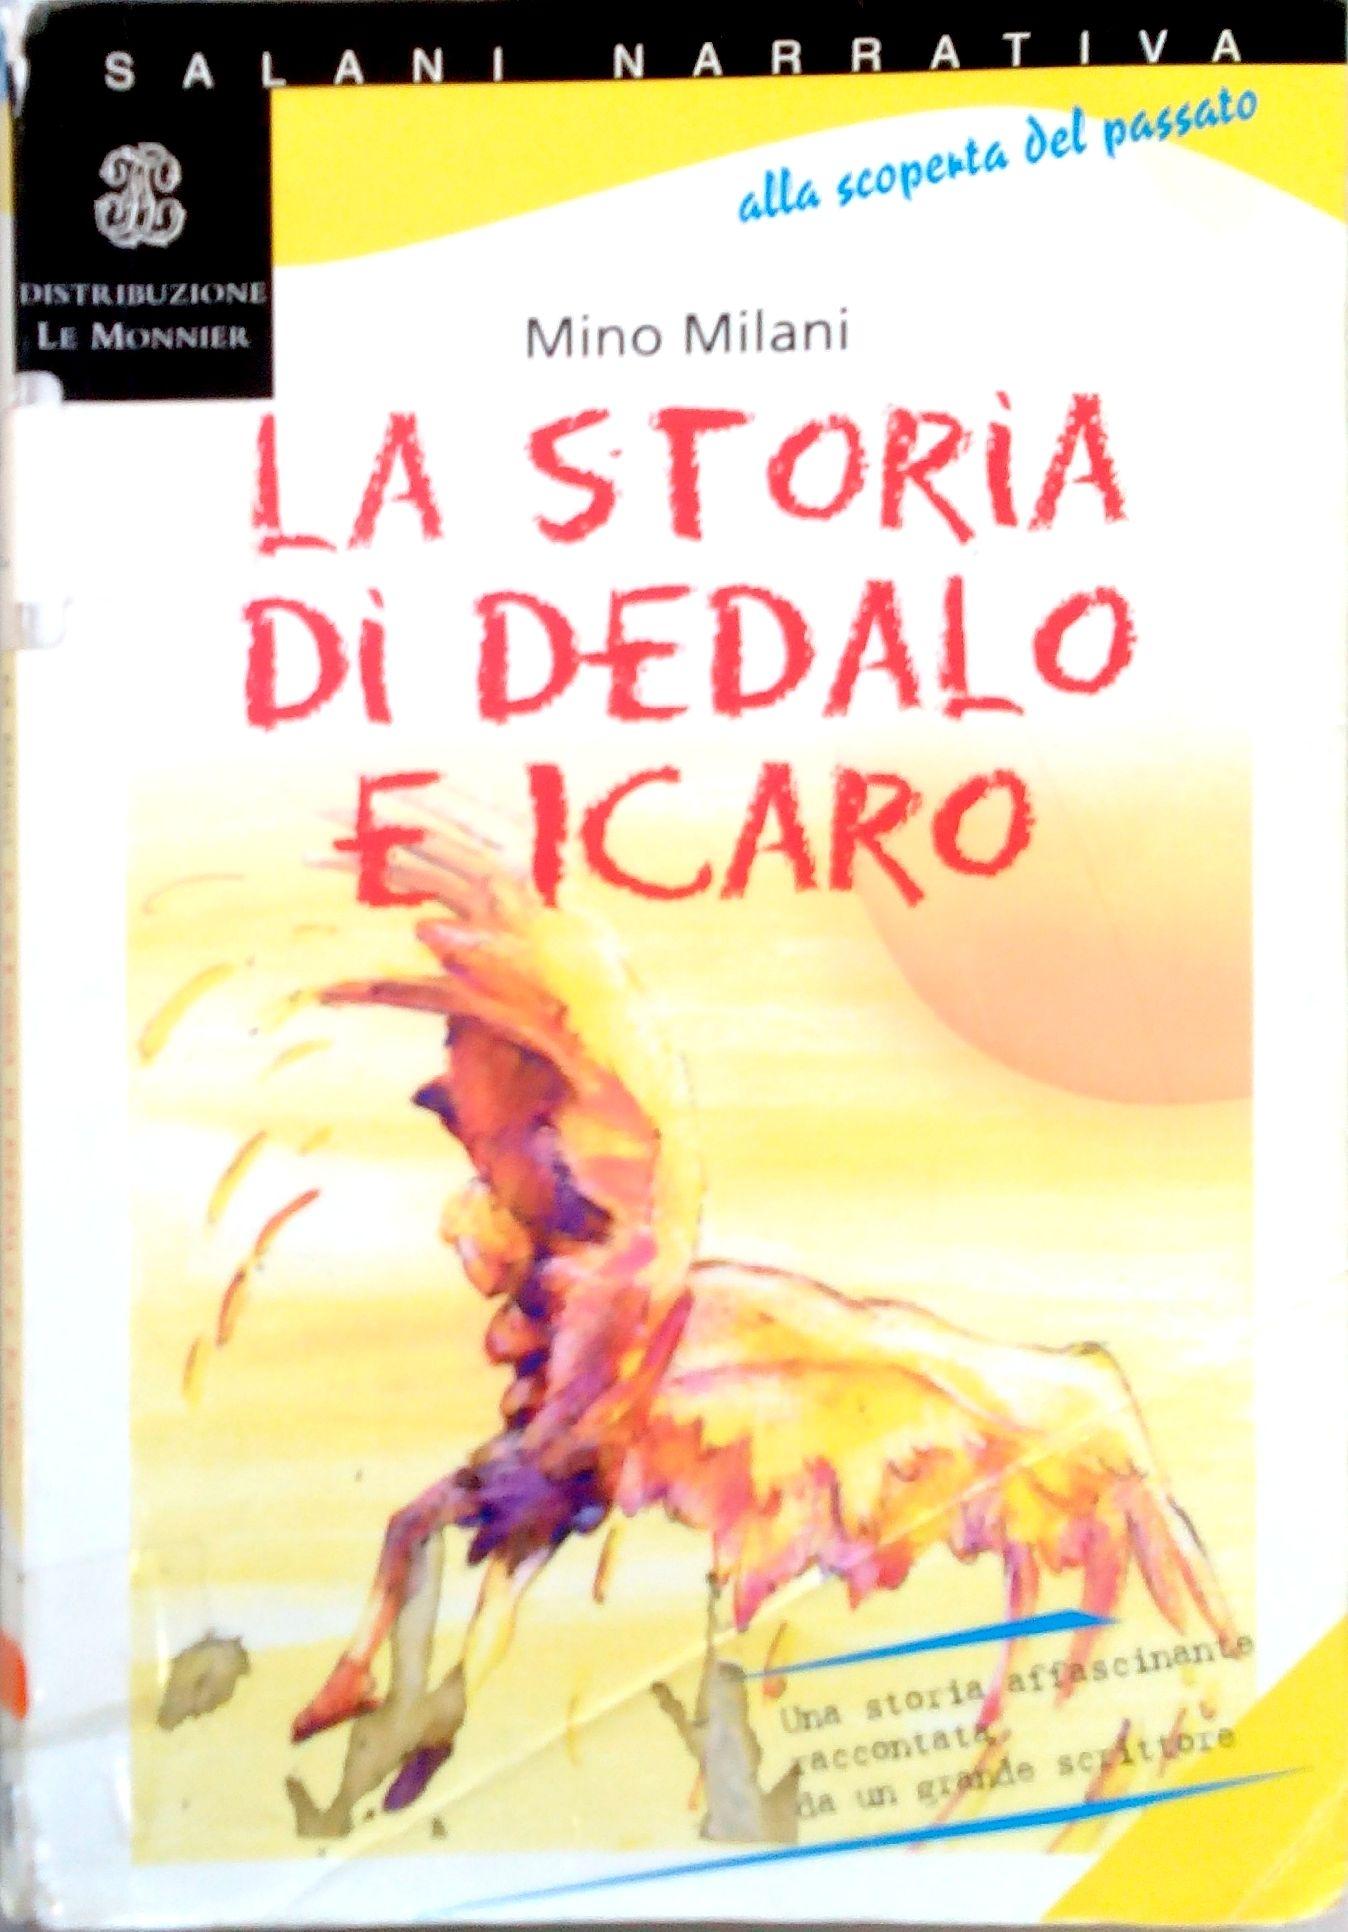 La storia di Dedalo ...